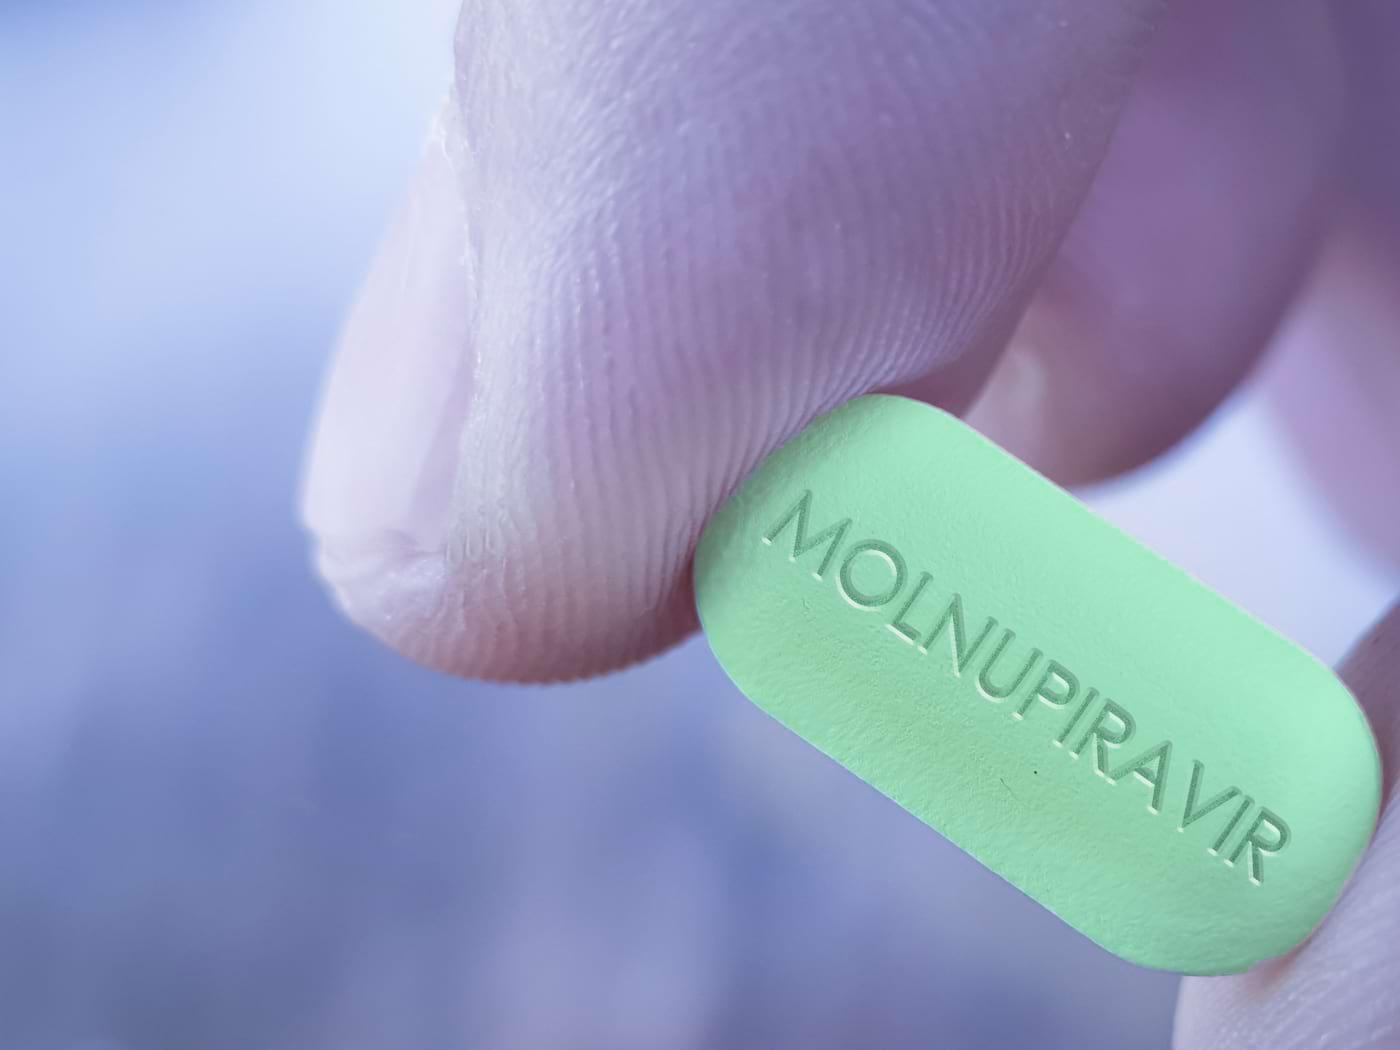 Molnupiravir, un potențial tratament oral pentru pacienții cu forme ușoare și moderate de COVID-19